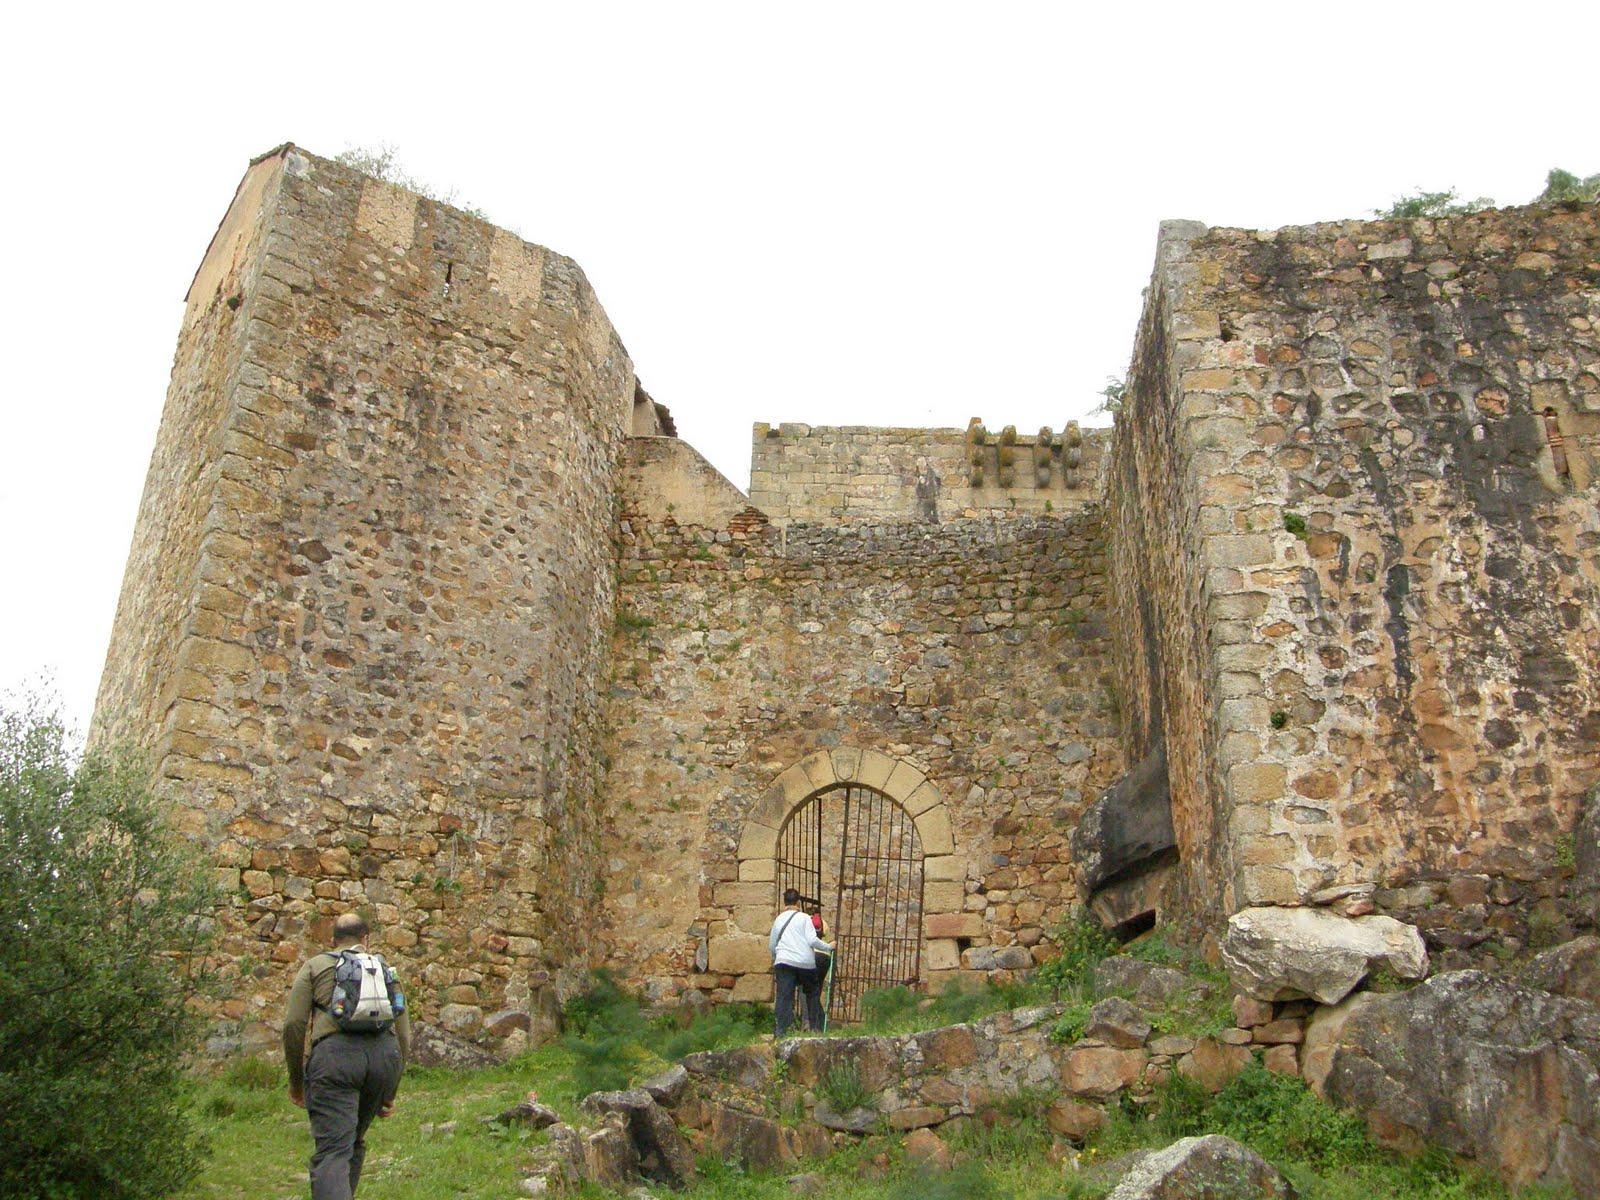 Ruta Castillo De Azagala Alburquerque Andando Extremadura # Muebles Gil Alburquerque